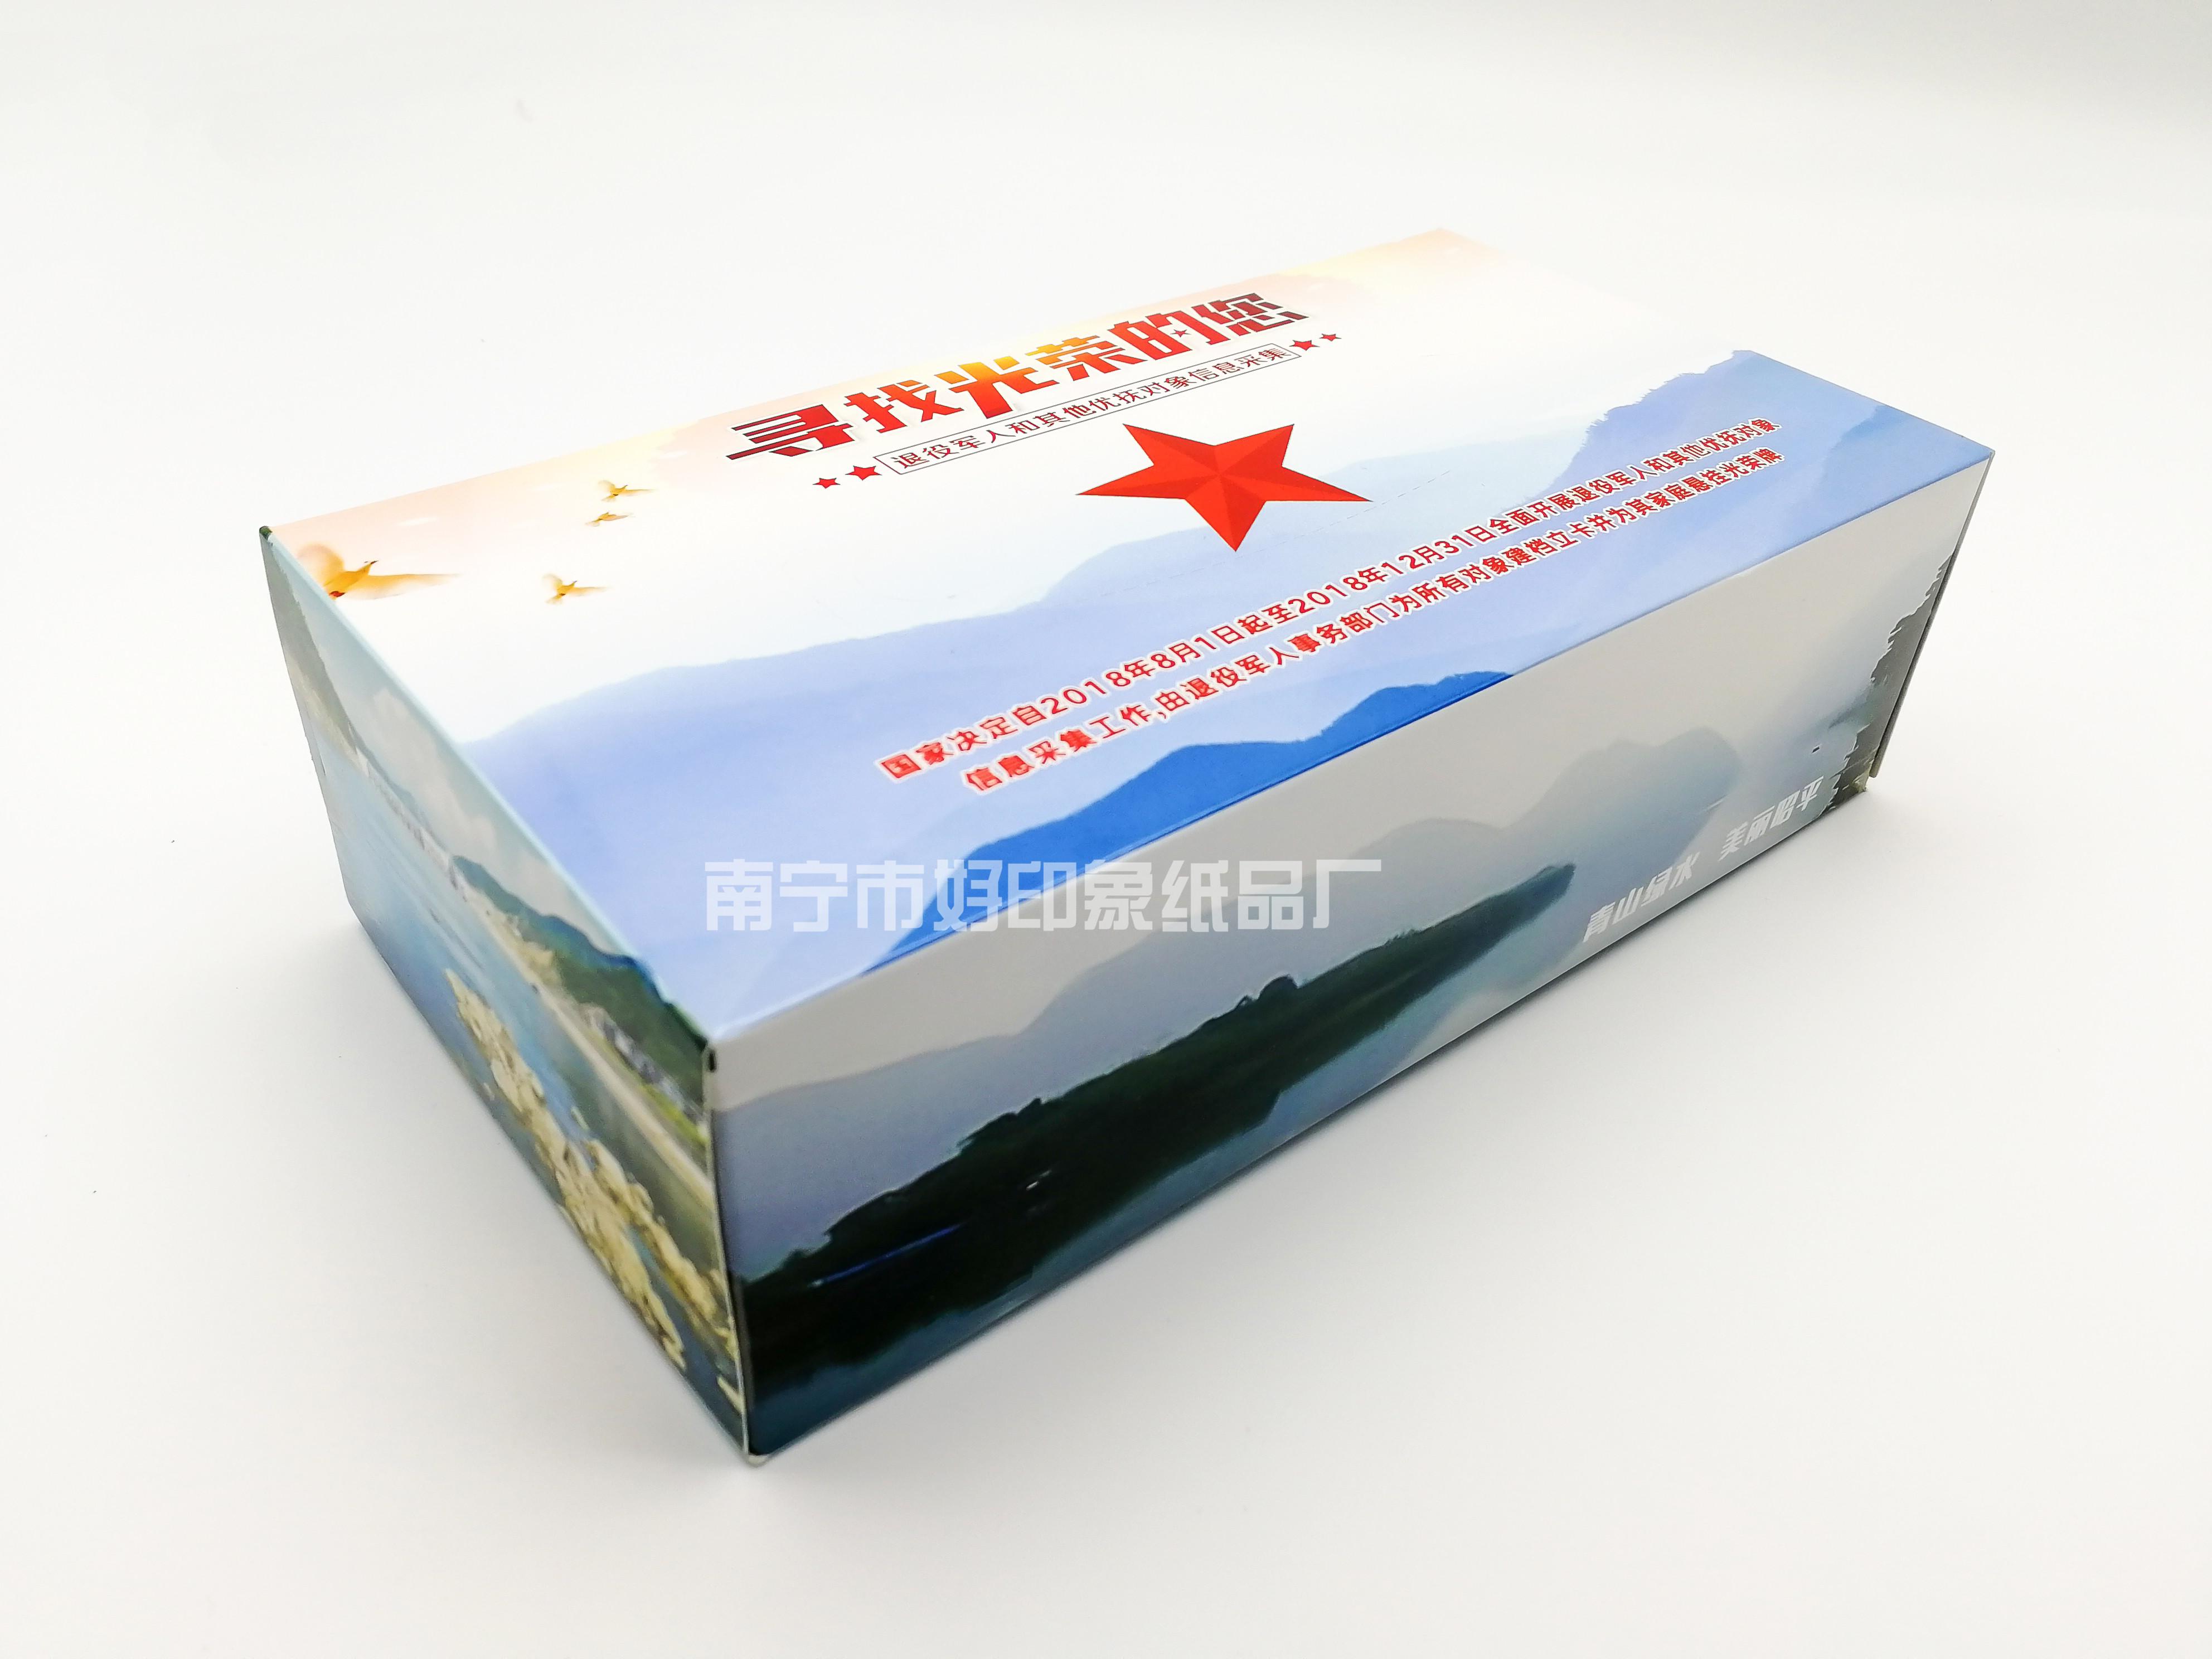 抽纸_广告抽纸_广告抽纸定制_就选贺州好印象纸品厂